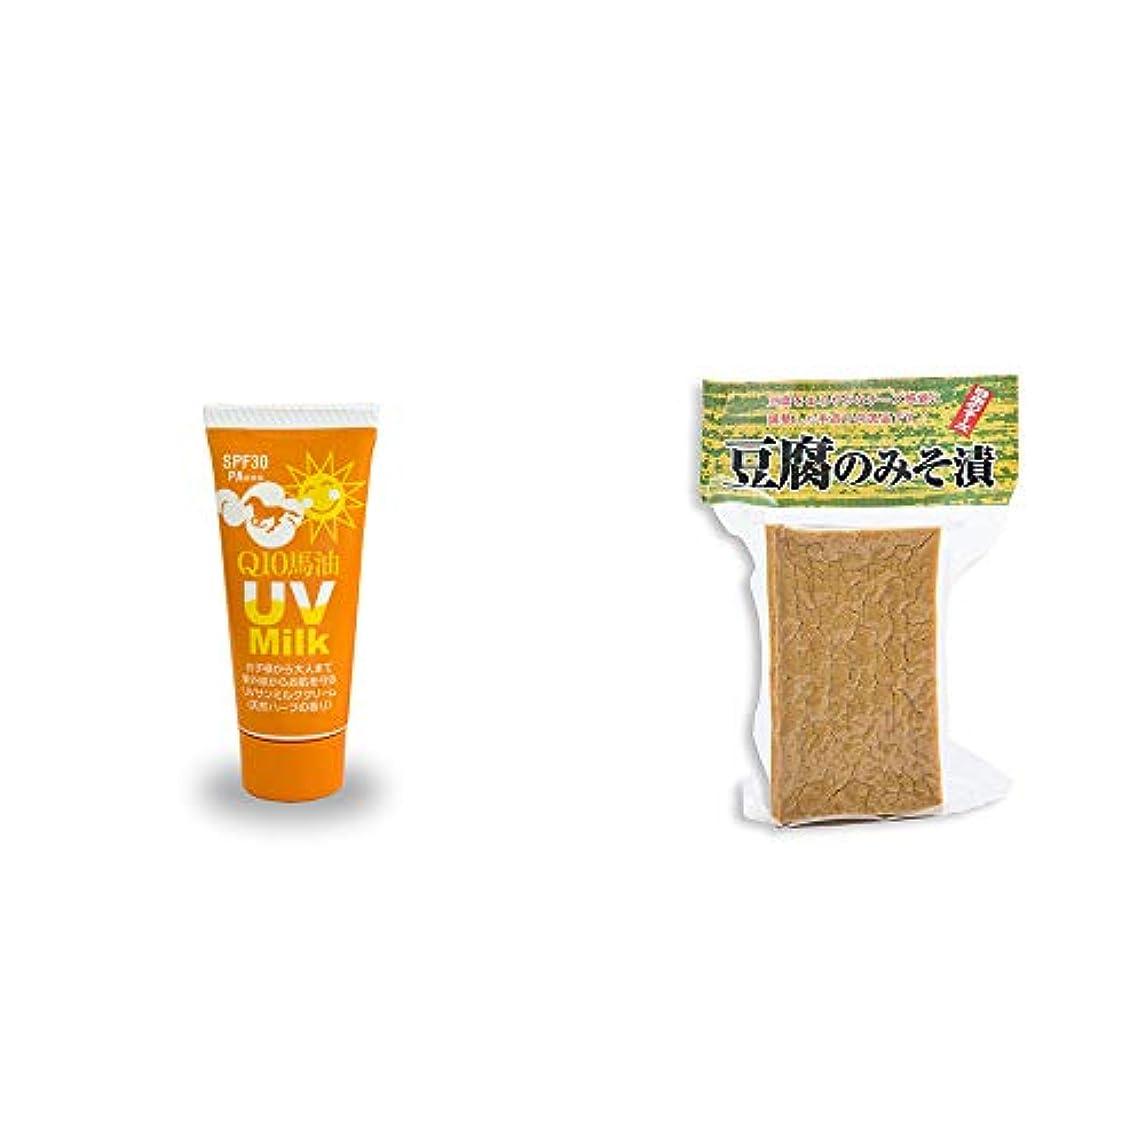 経済的疎外こする[2点セット] 炭黒泉 Q10馬油 UVサンミルク[天然ハーブ](40g)?日本のチーズ 豆腐のみそ漬(1個入)